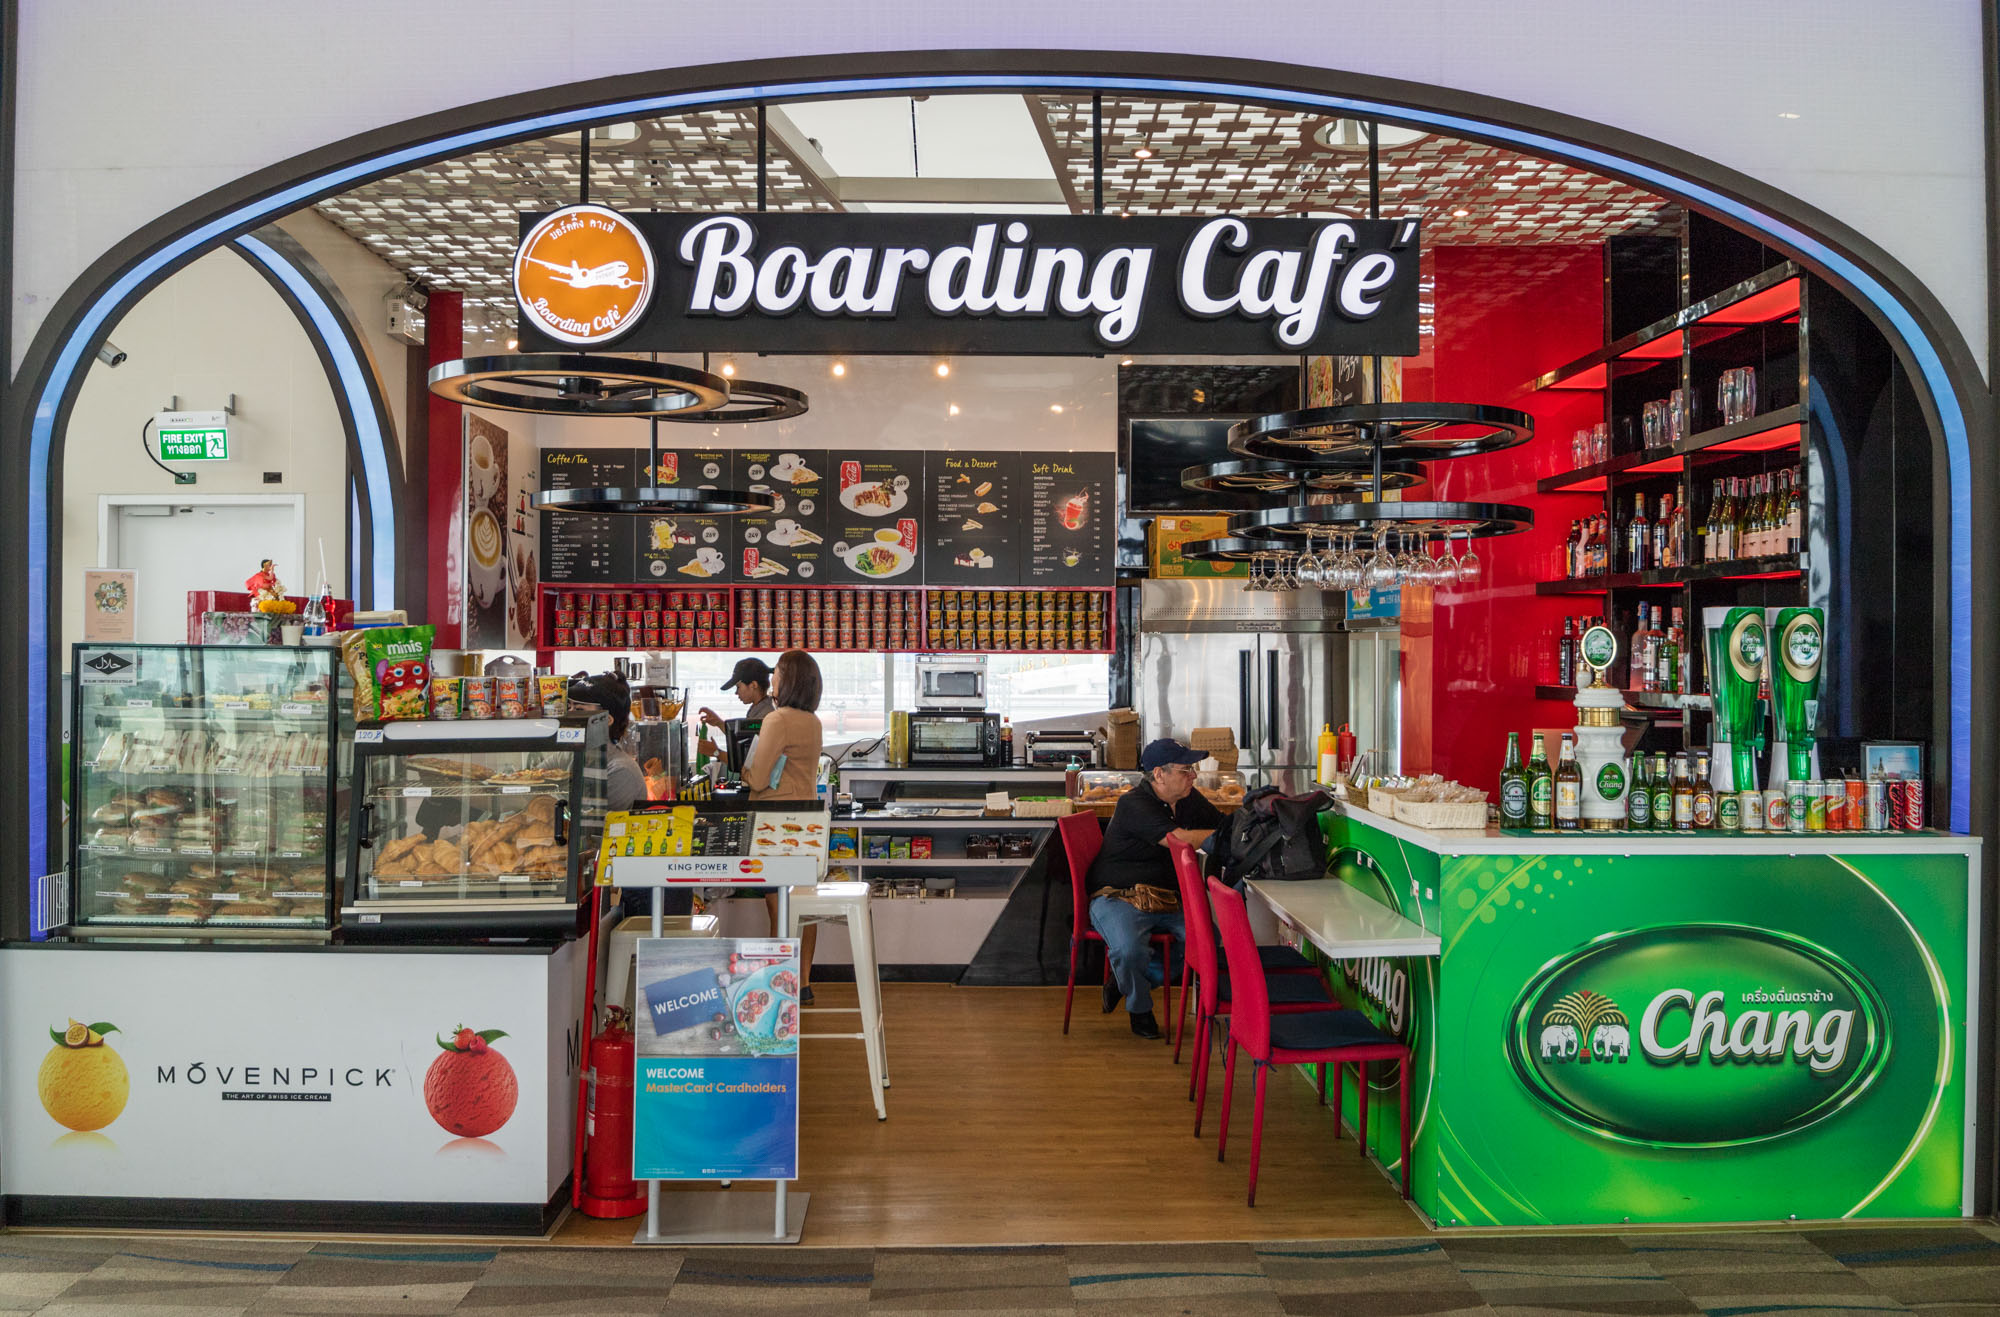 Boarding Café Phuket  ร้านอาหารแนะนำ ในอาคารผู้โดยสารขาออกระหว่างประเทศ ท่าอากาศยานภูเก็ต IMG 8185